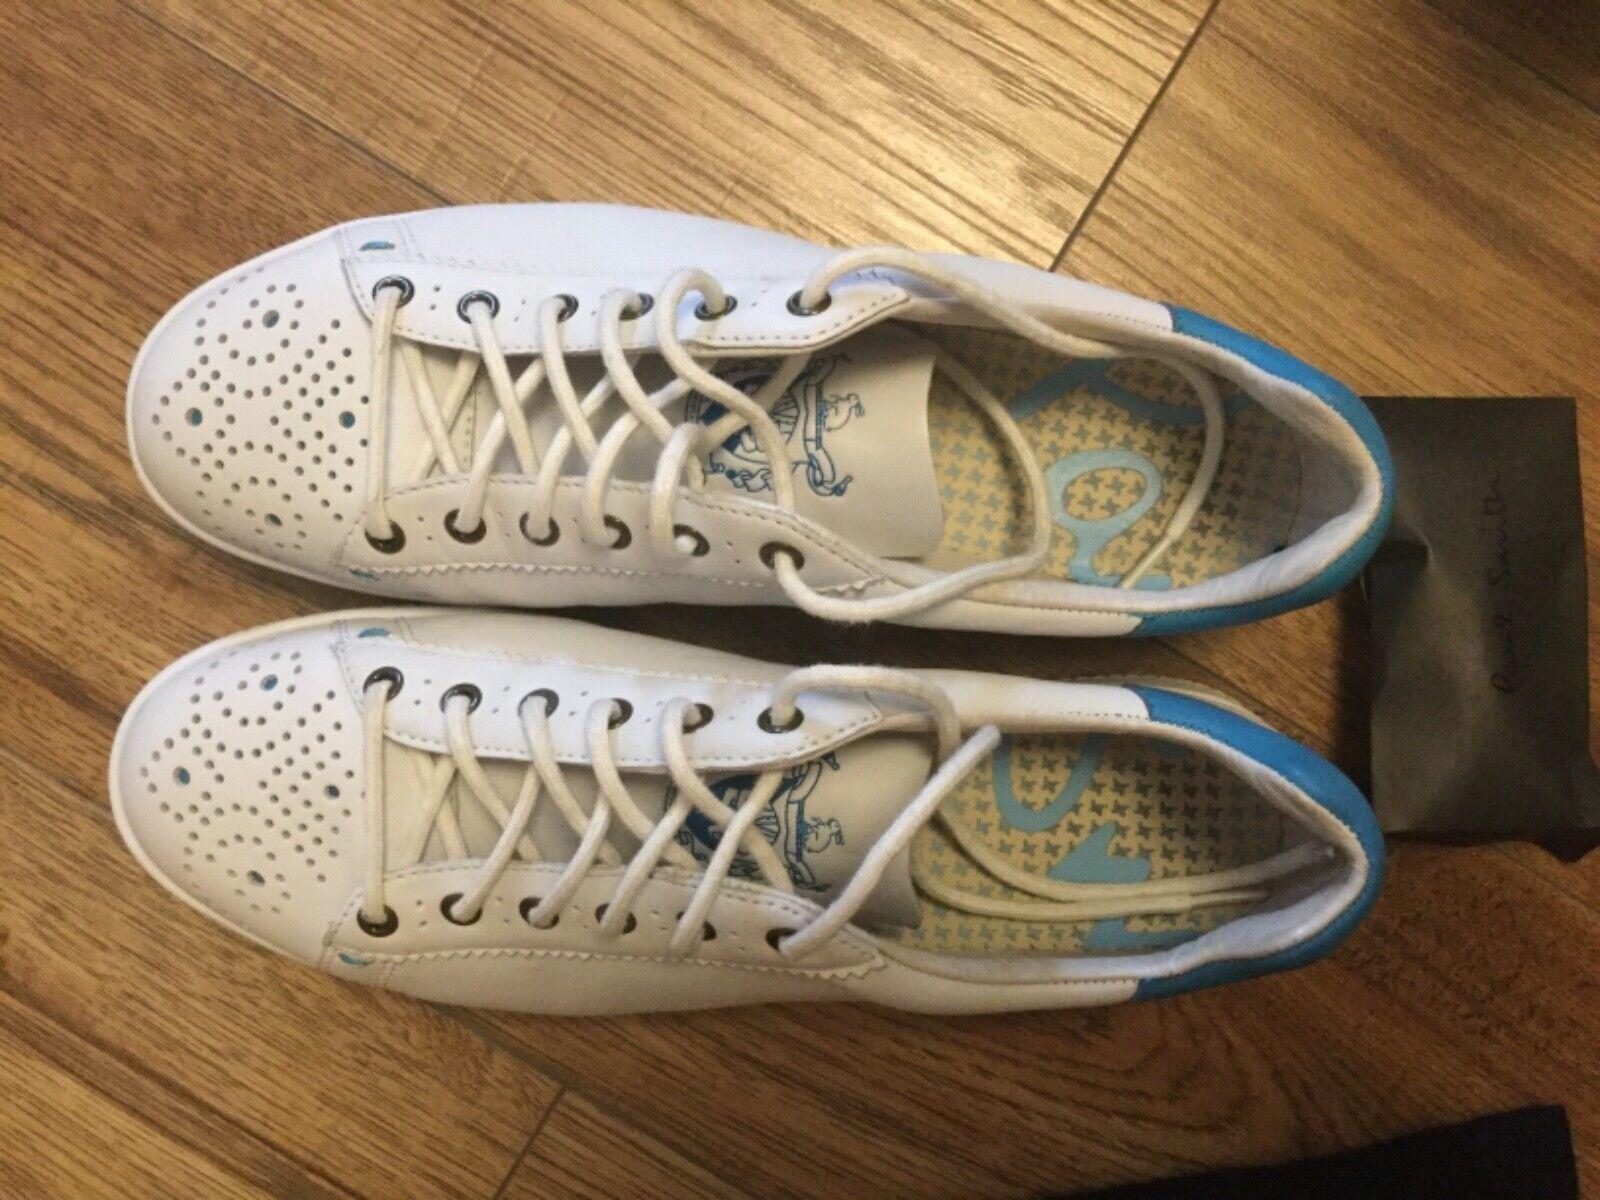 Zapatos deportivos fehombresinos pal Smith, talla 5uk, de una sola vez, de gran calidad.